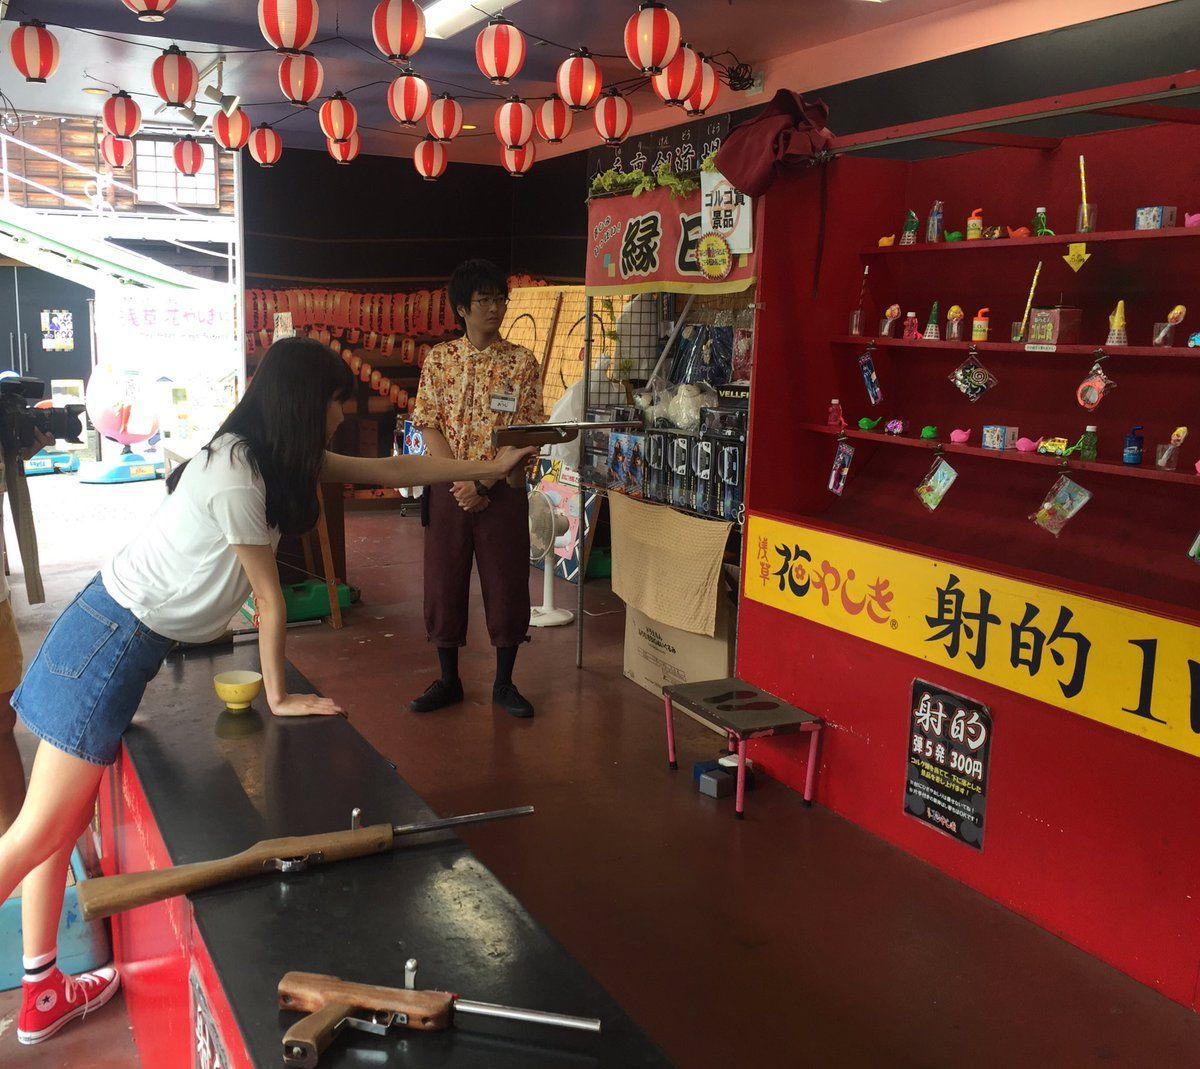 """新川優愛 staffさんのツイート: """"B.L.T.創刊19周年!おめでとうございます! 記念11月号に出させていただきました! 連載「yua friend」に引き続き、東京さんぽ。 花やしきにお邪魔しました! #新川優愛 #BLT https://t.co/G64SdSNqko"""""""